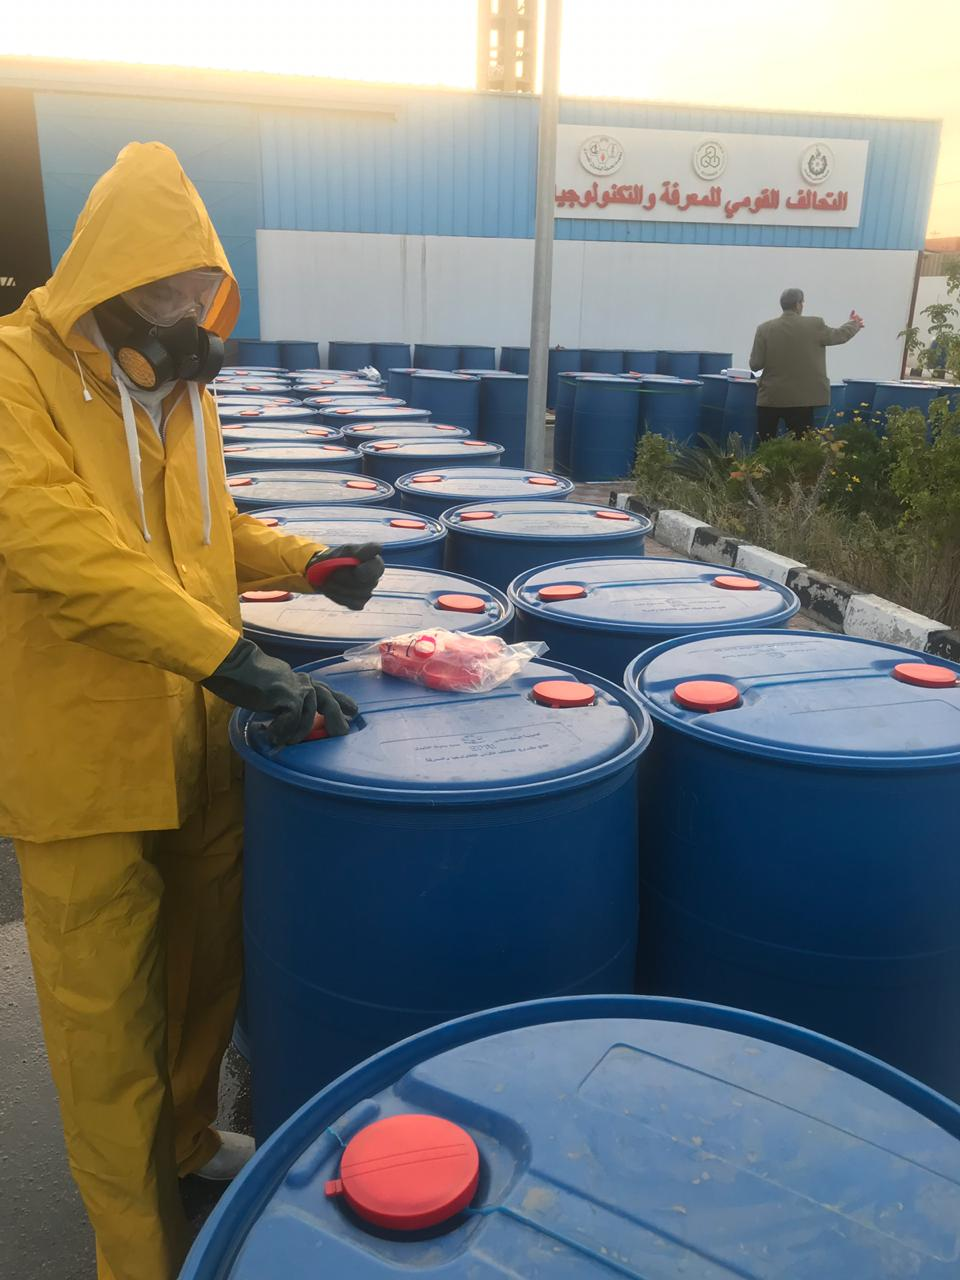 معهد بحوث البترول وأكاديمية البحث العلمى ينتجان مواد مطهرة